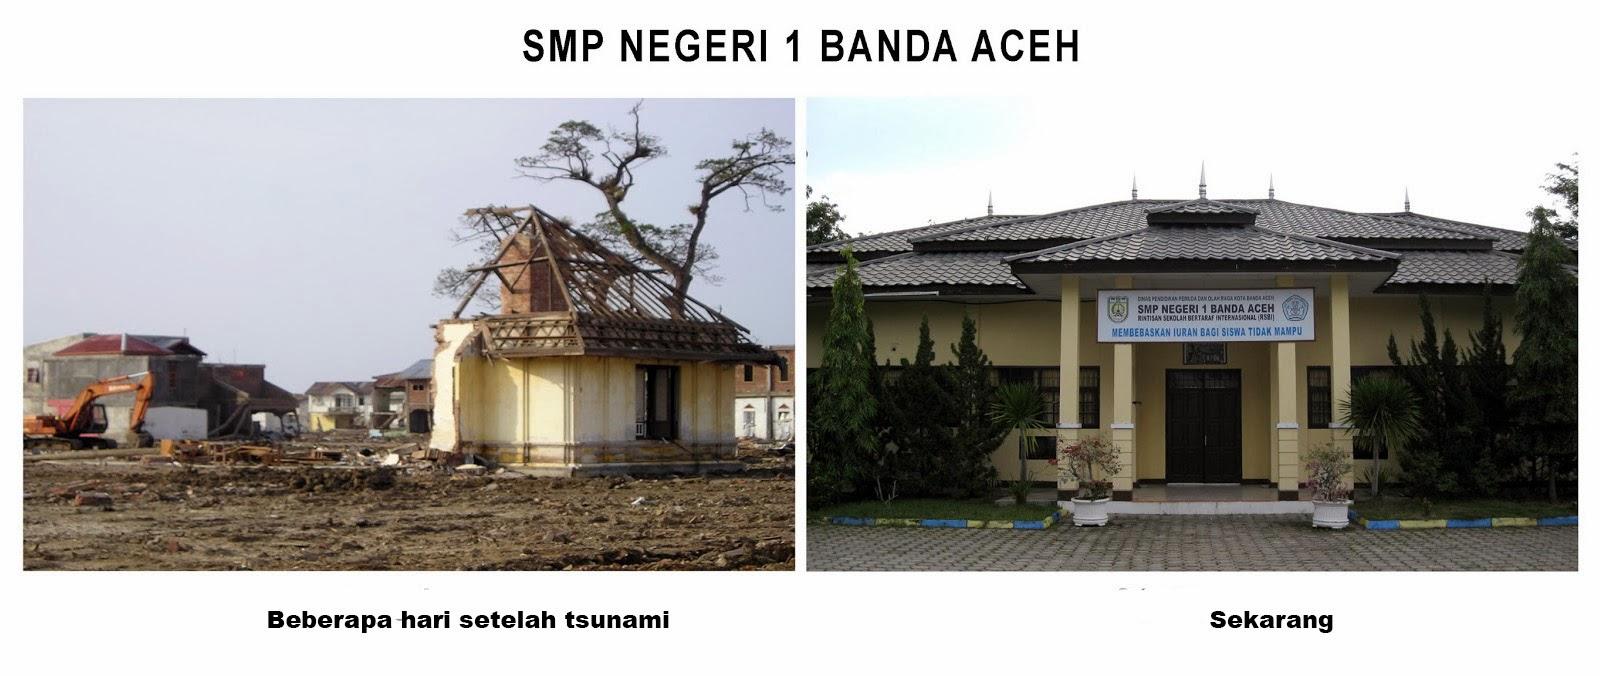 Foto Banda Aceh Setelah Tsunami 2004 Oleh Smp Negeri 1